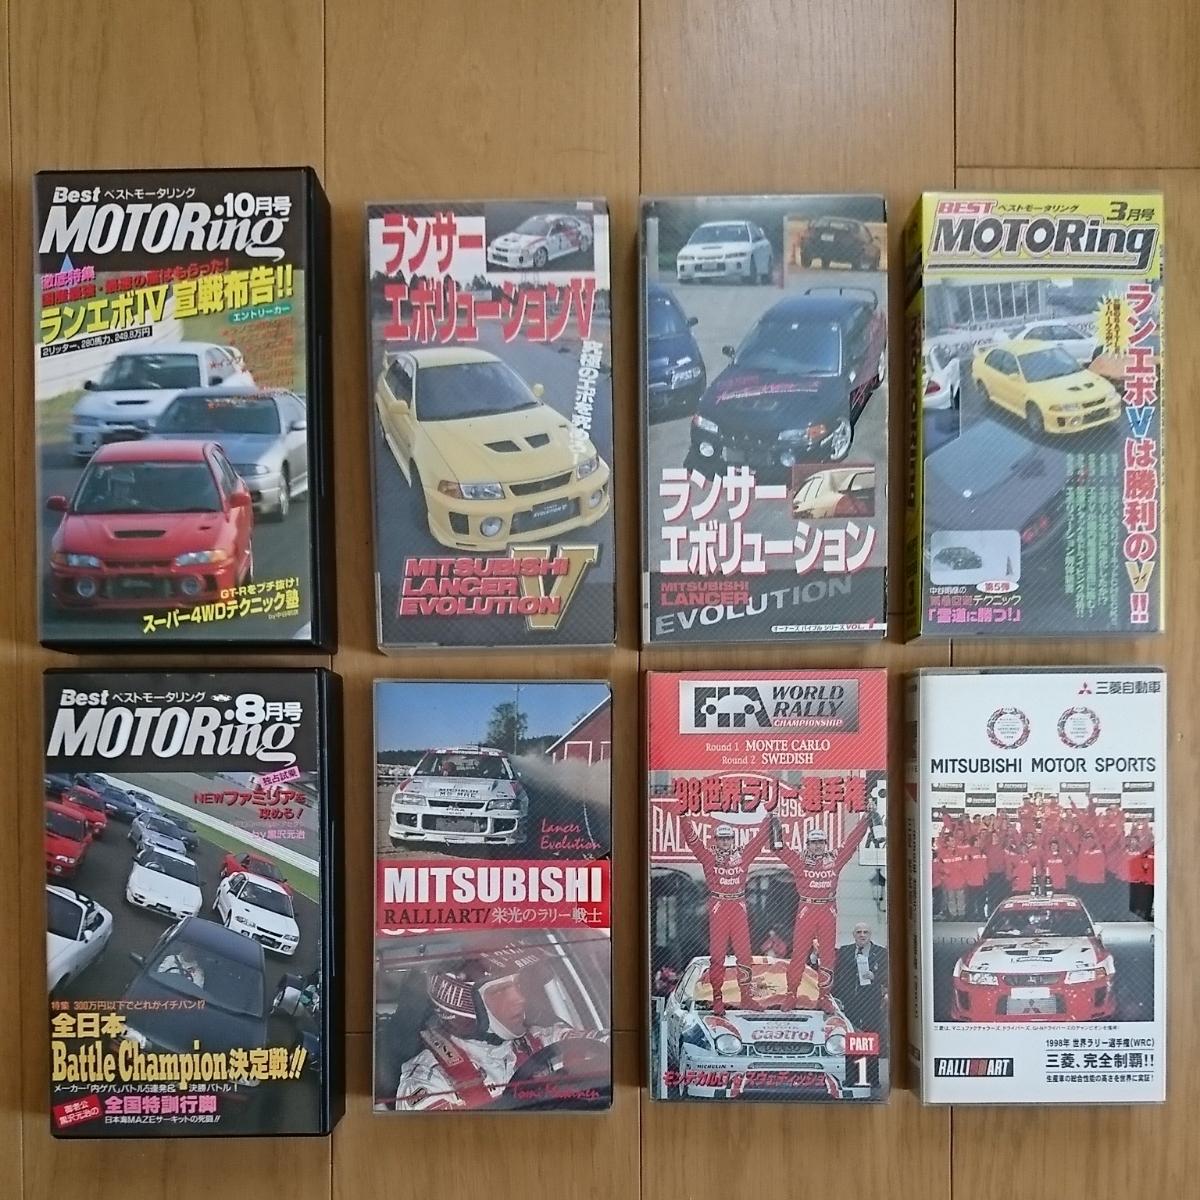 激レア!三菱 ランサーエボリューション・WRC・ラリー 関連のVHSビデオテープ8本セット_画像1